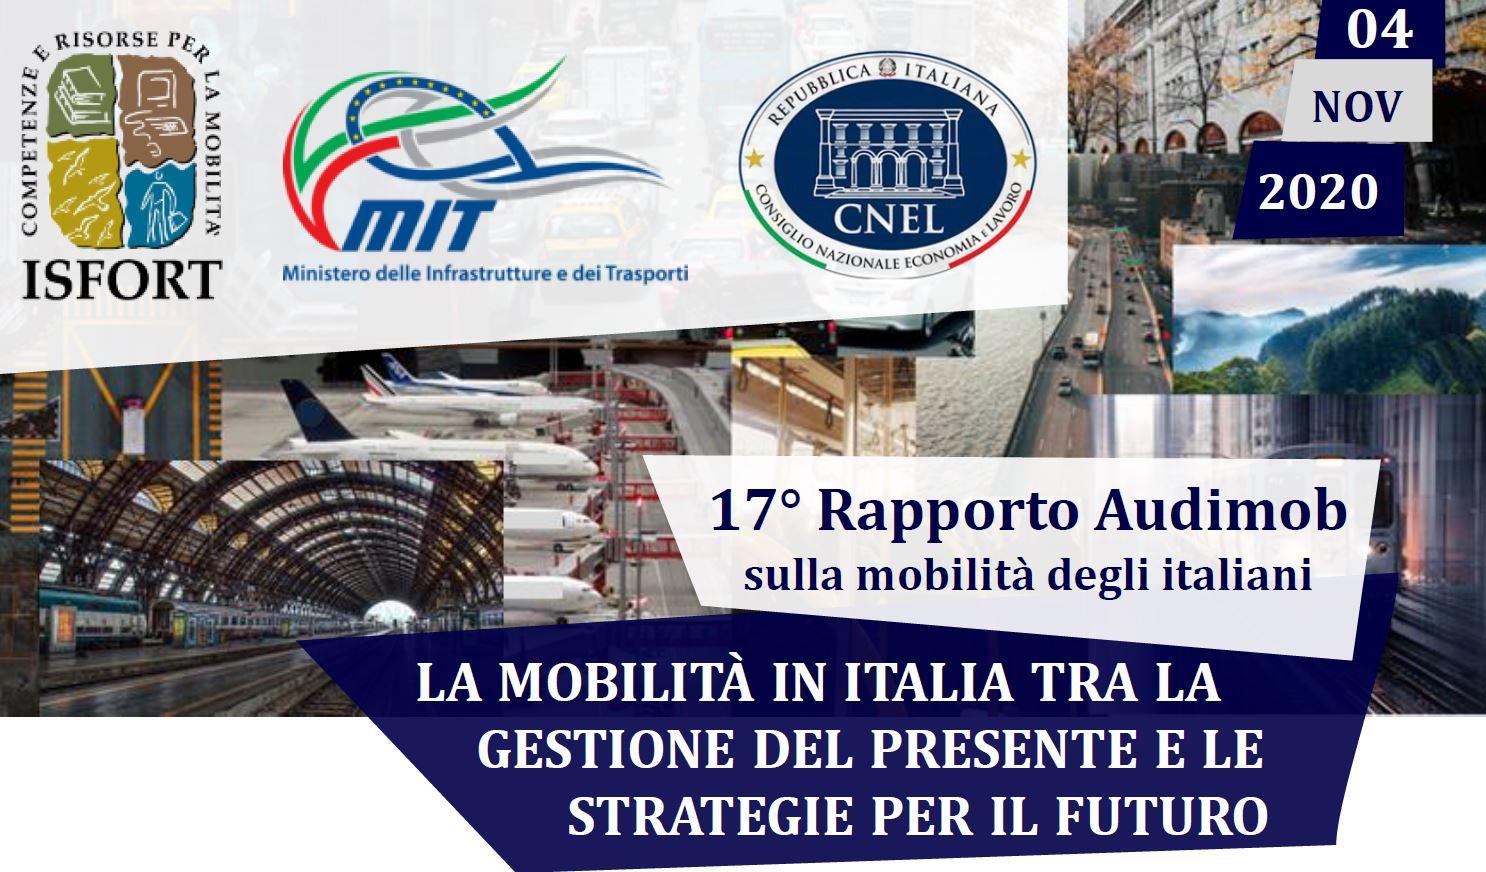 Isfort: 17° Rapporto Audimob sulla Mobilità degli Italiani